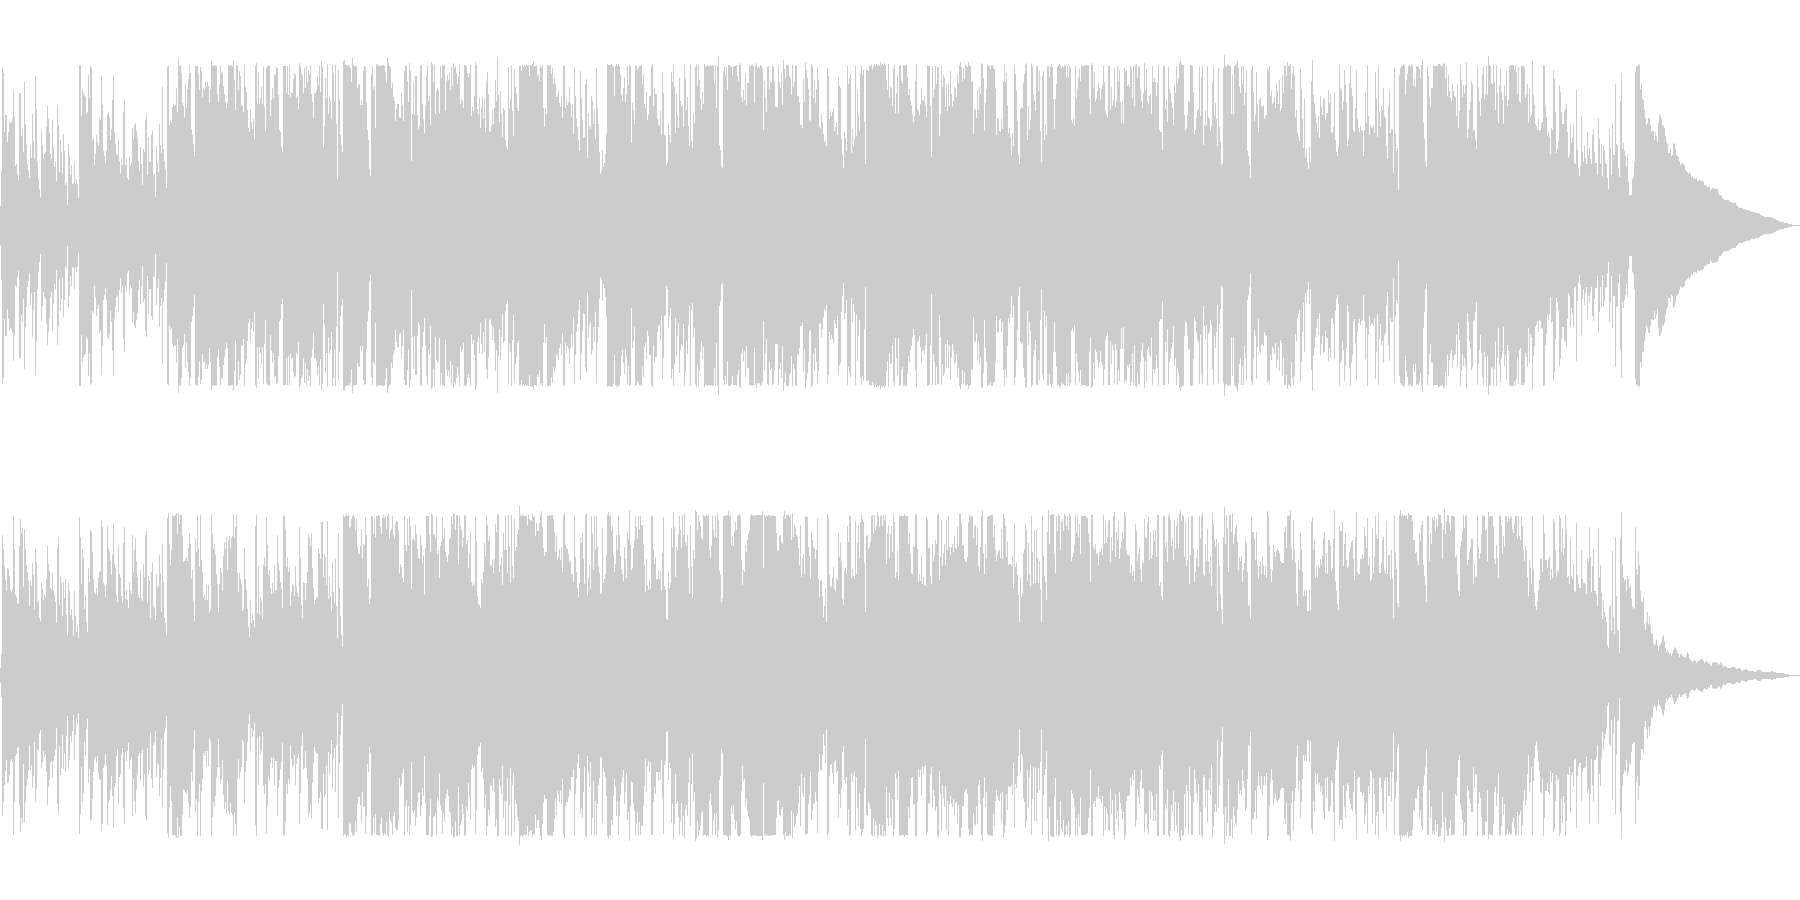 バイオリンのノスタルジックなバラードの未再生の波形